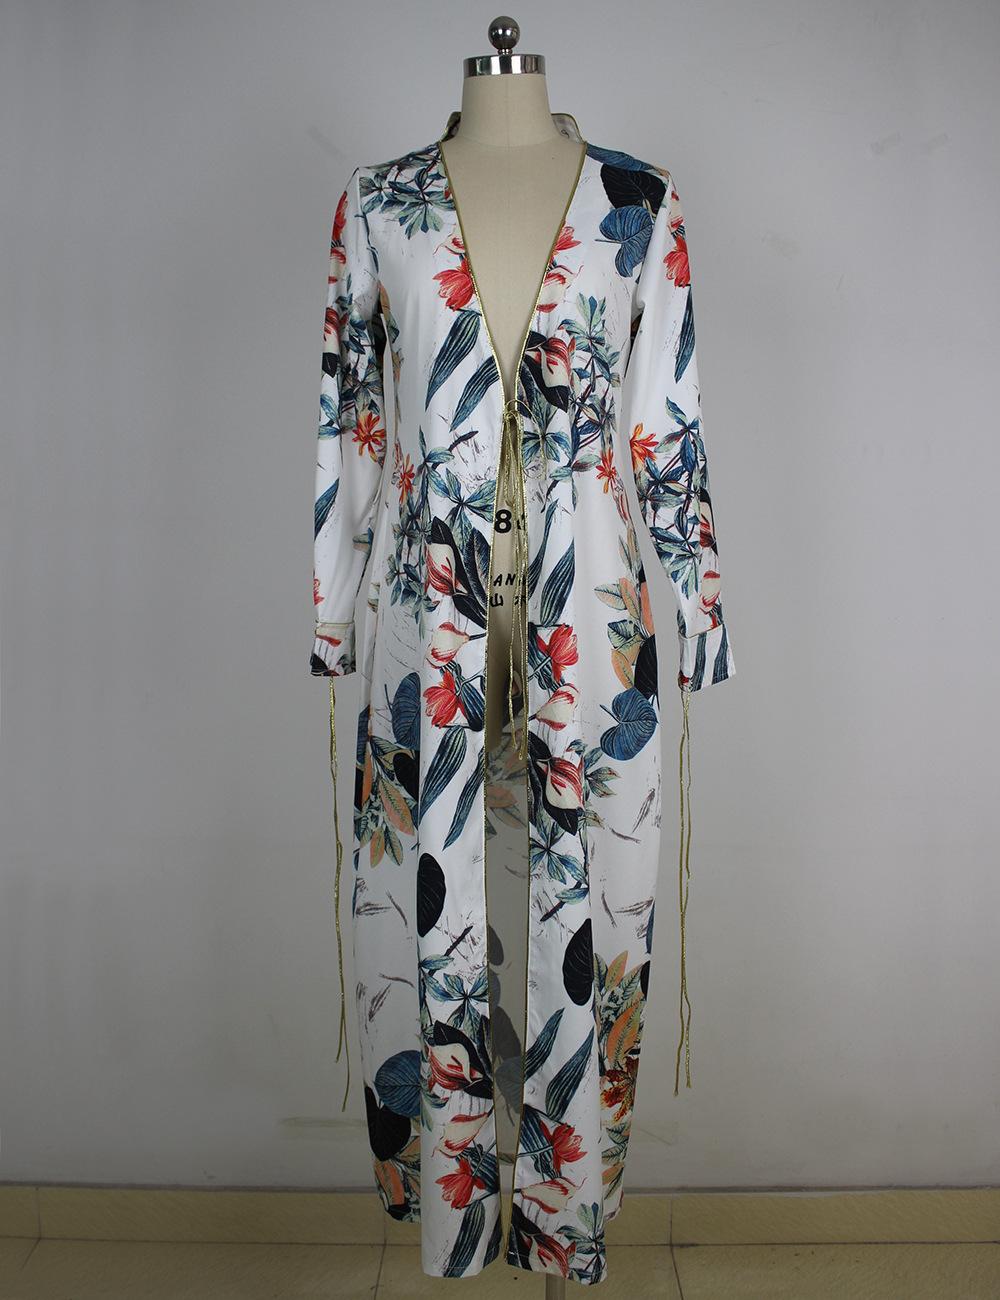 HTB1LBRJQXXXXXaFaXXXq6xXFXXXa - Long Sleeve Ethnic Floral Print White Shirt Women Kimono Blusas